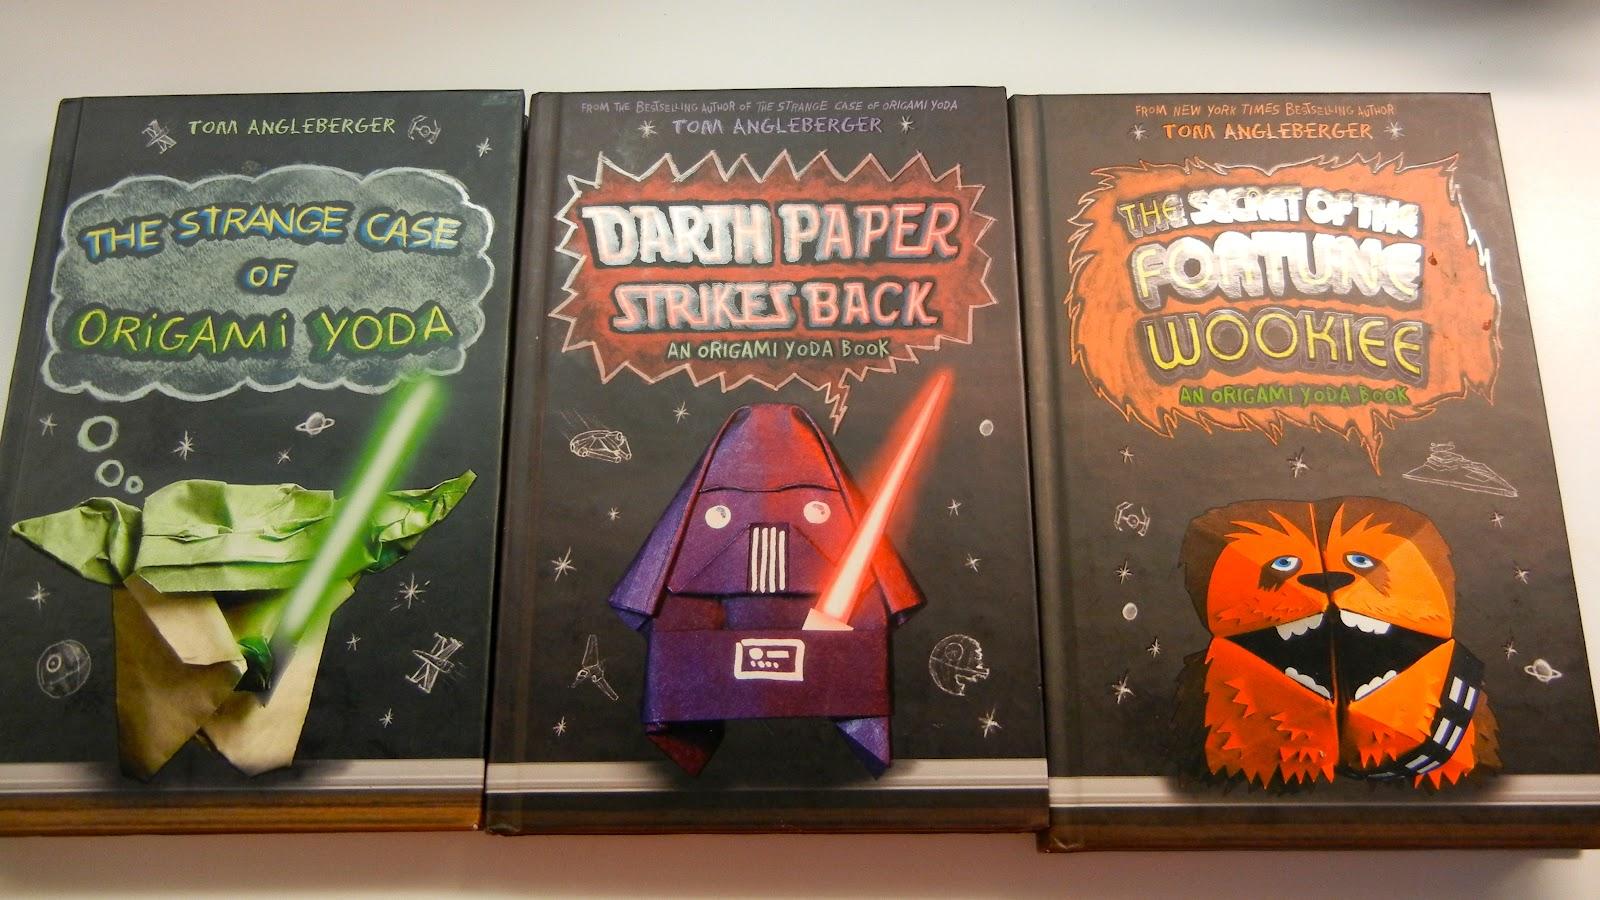 Amazon.com - The Origami Yoda Files: Collectible 8-book Boxed set - | 900x1600